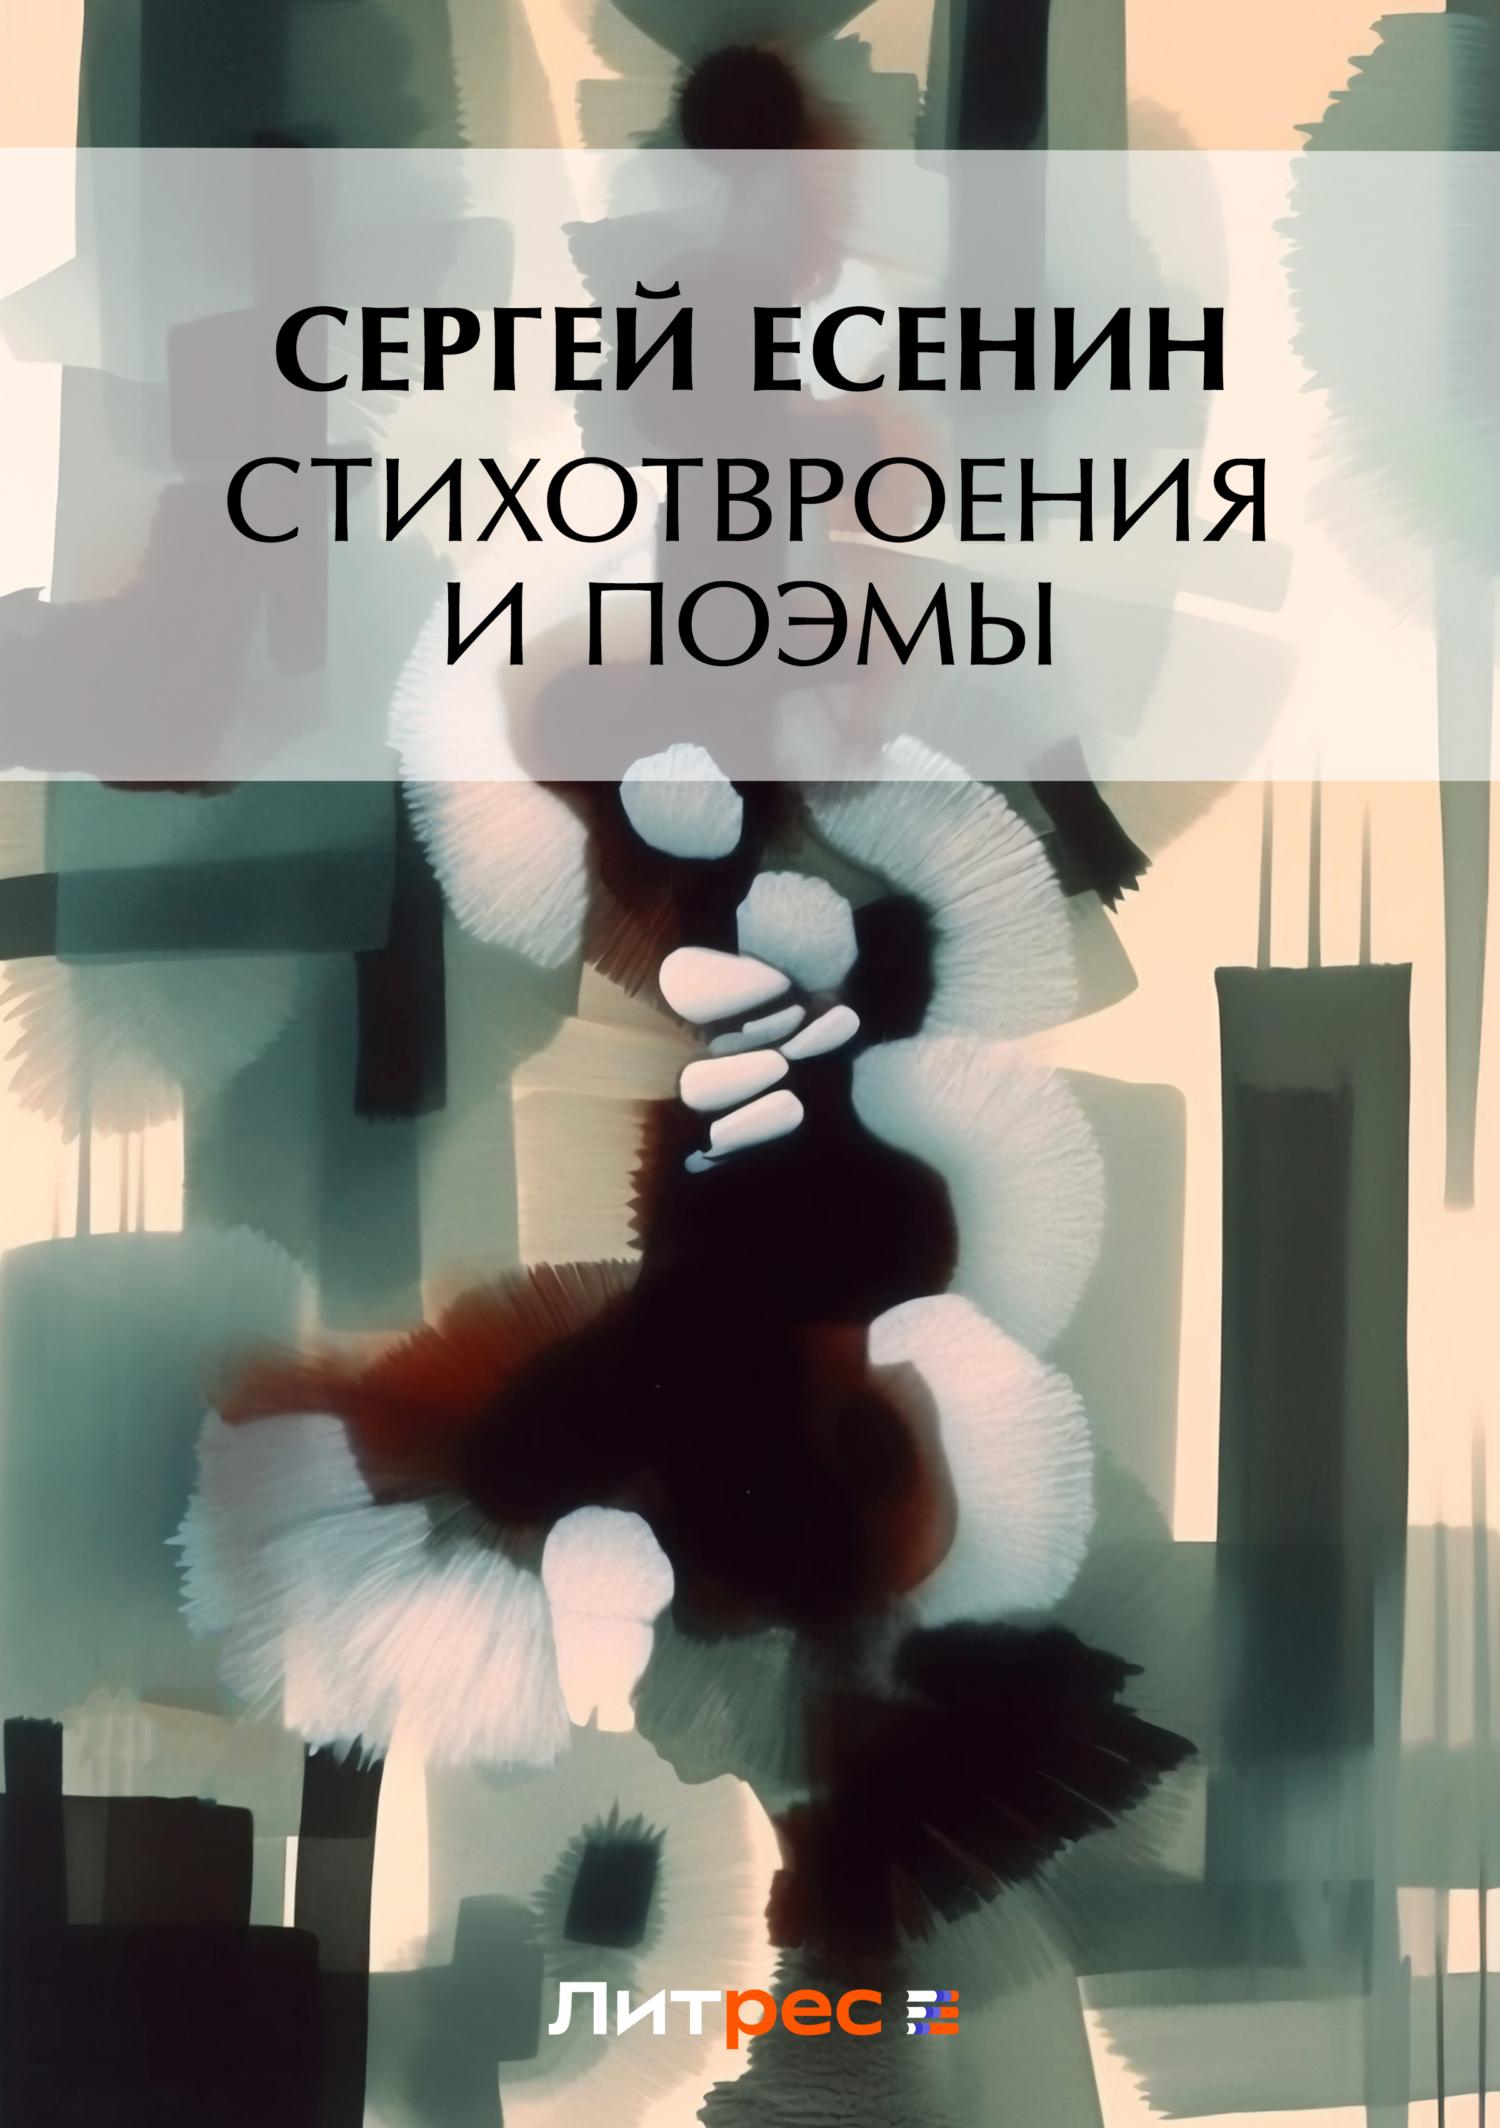 Сергей Есенин Стихотворения и поэмы